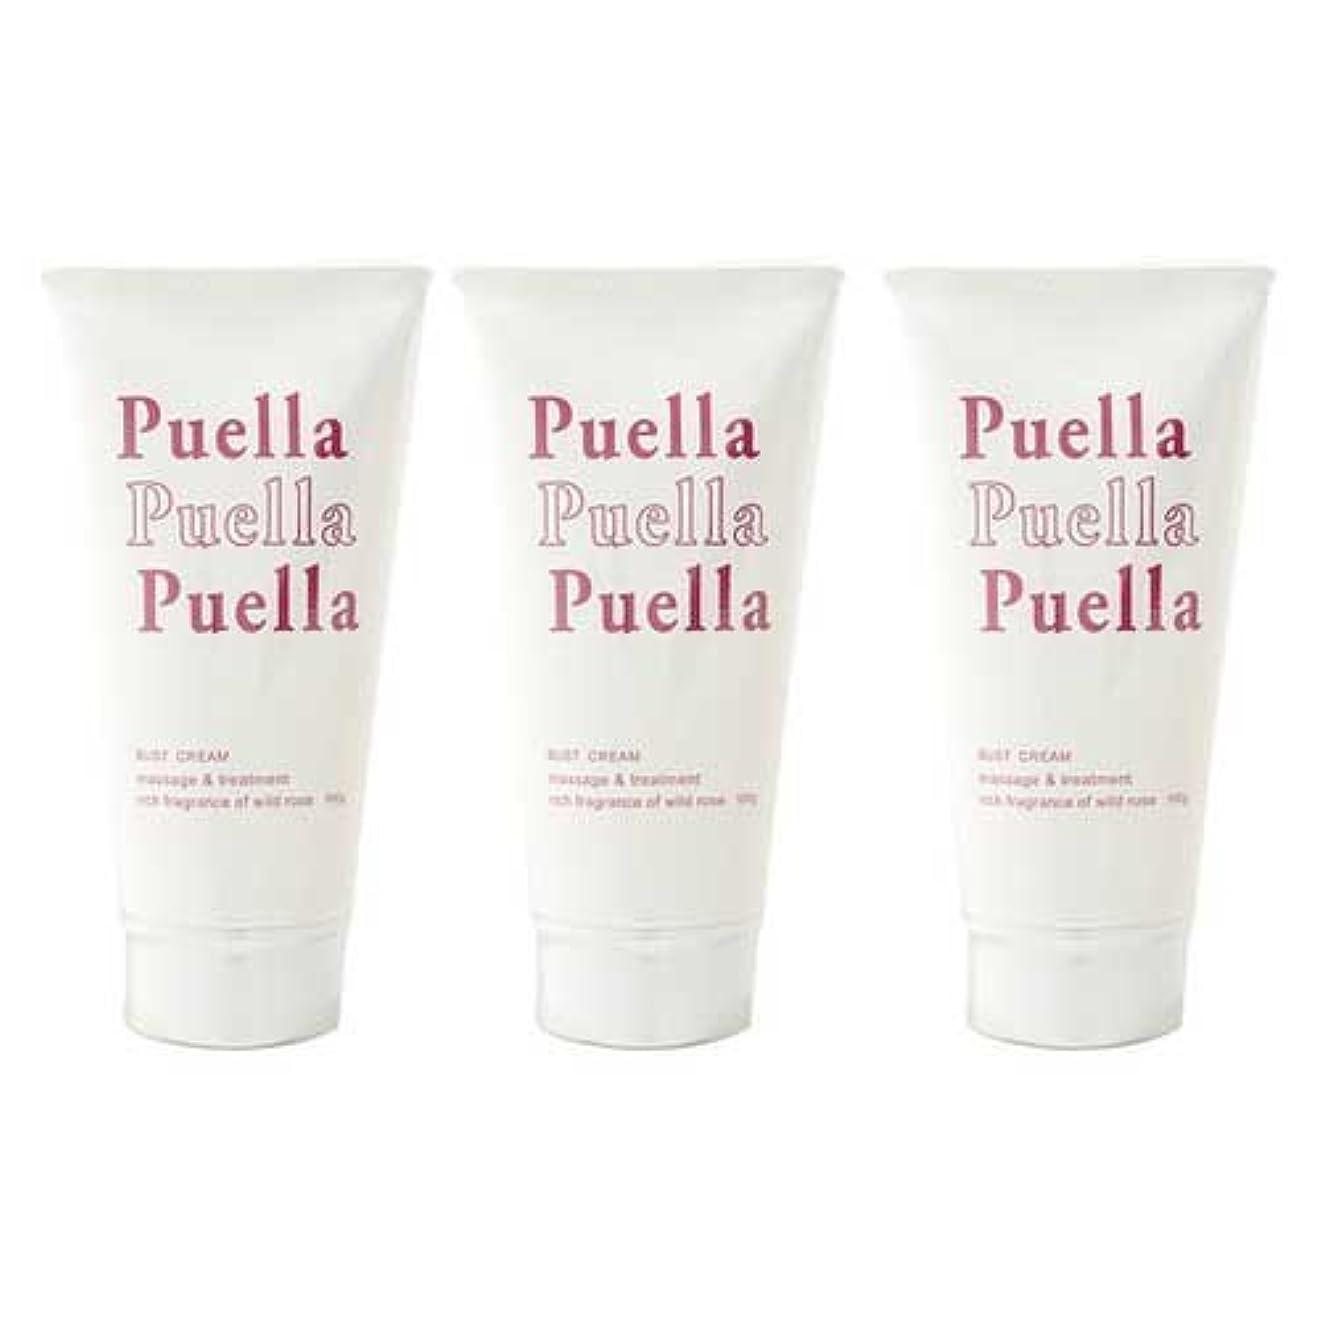 受付からかう対抗3個セット puella(プエルラ)